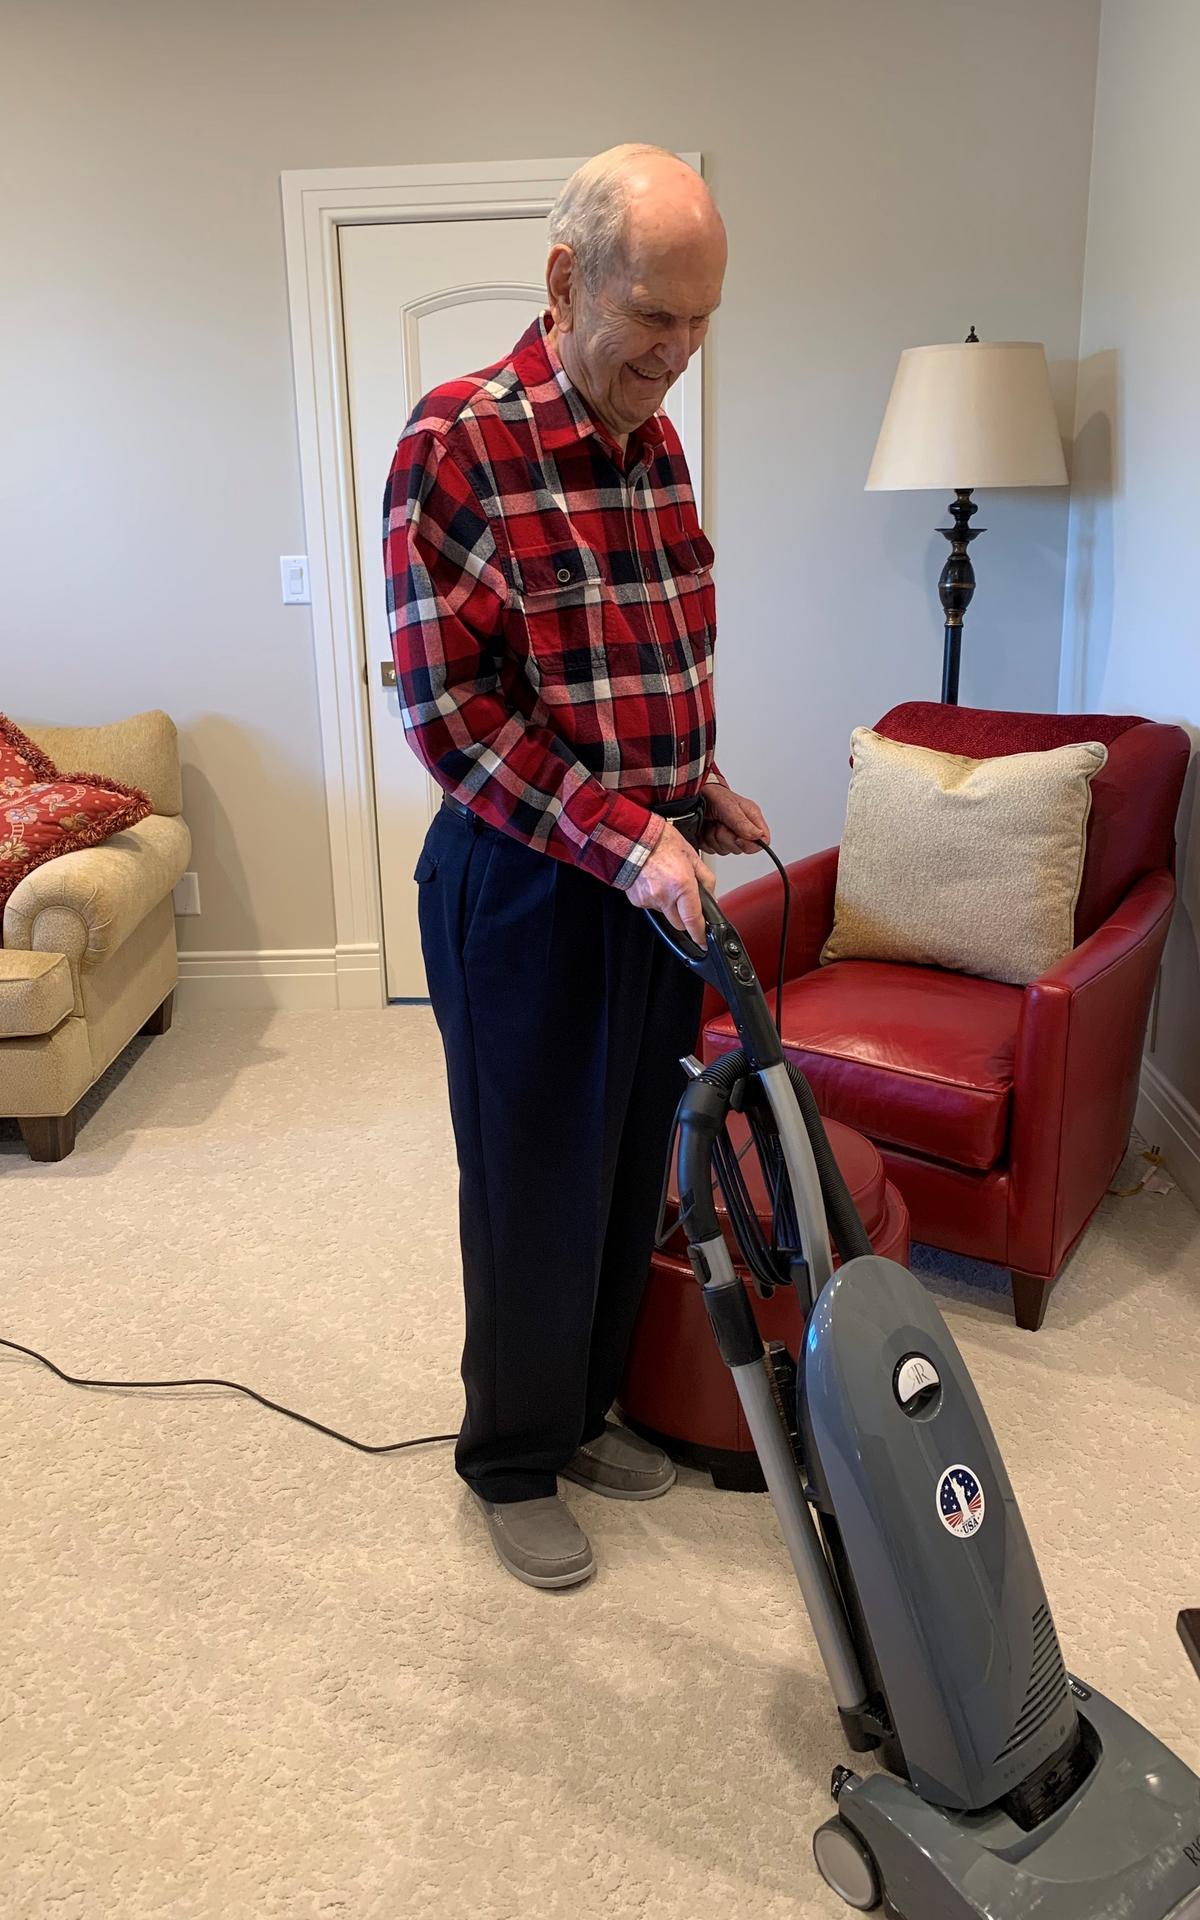 Президент Ръсел М. Нелсън чисти с прахосмукачка